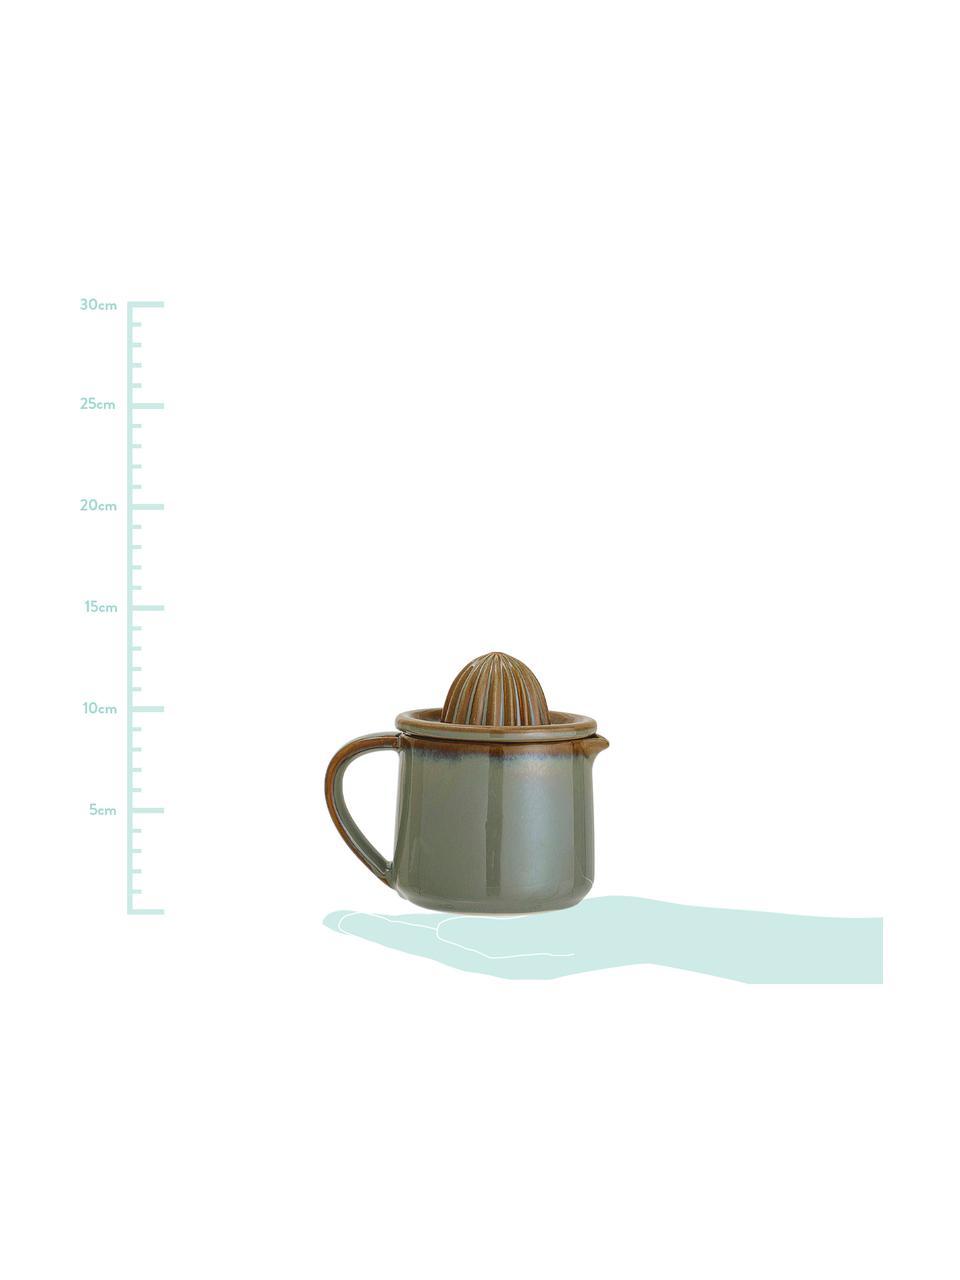 Zitruspresse Pixie mit integriertem Kännchen, Steingut, Grün, Ø 11 x H 13 cm